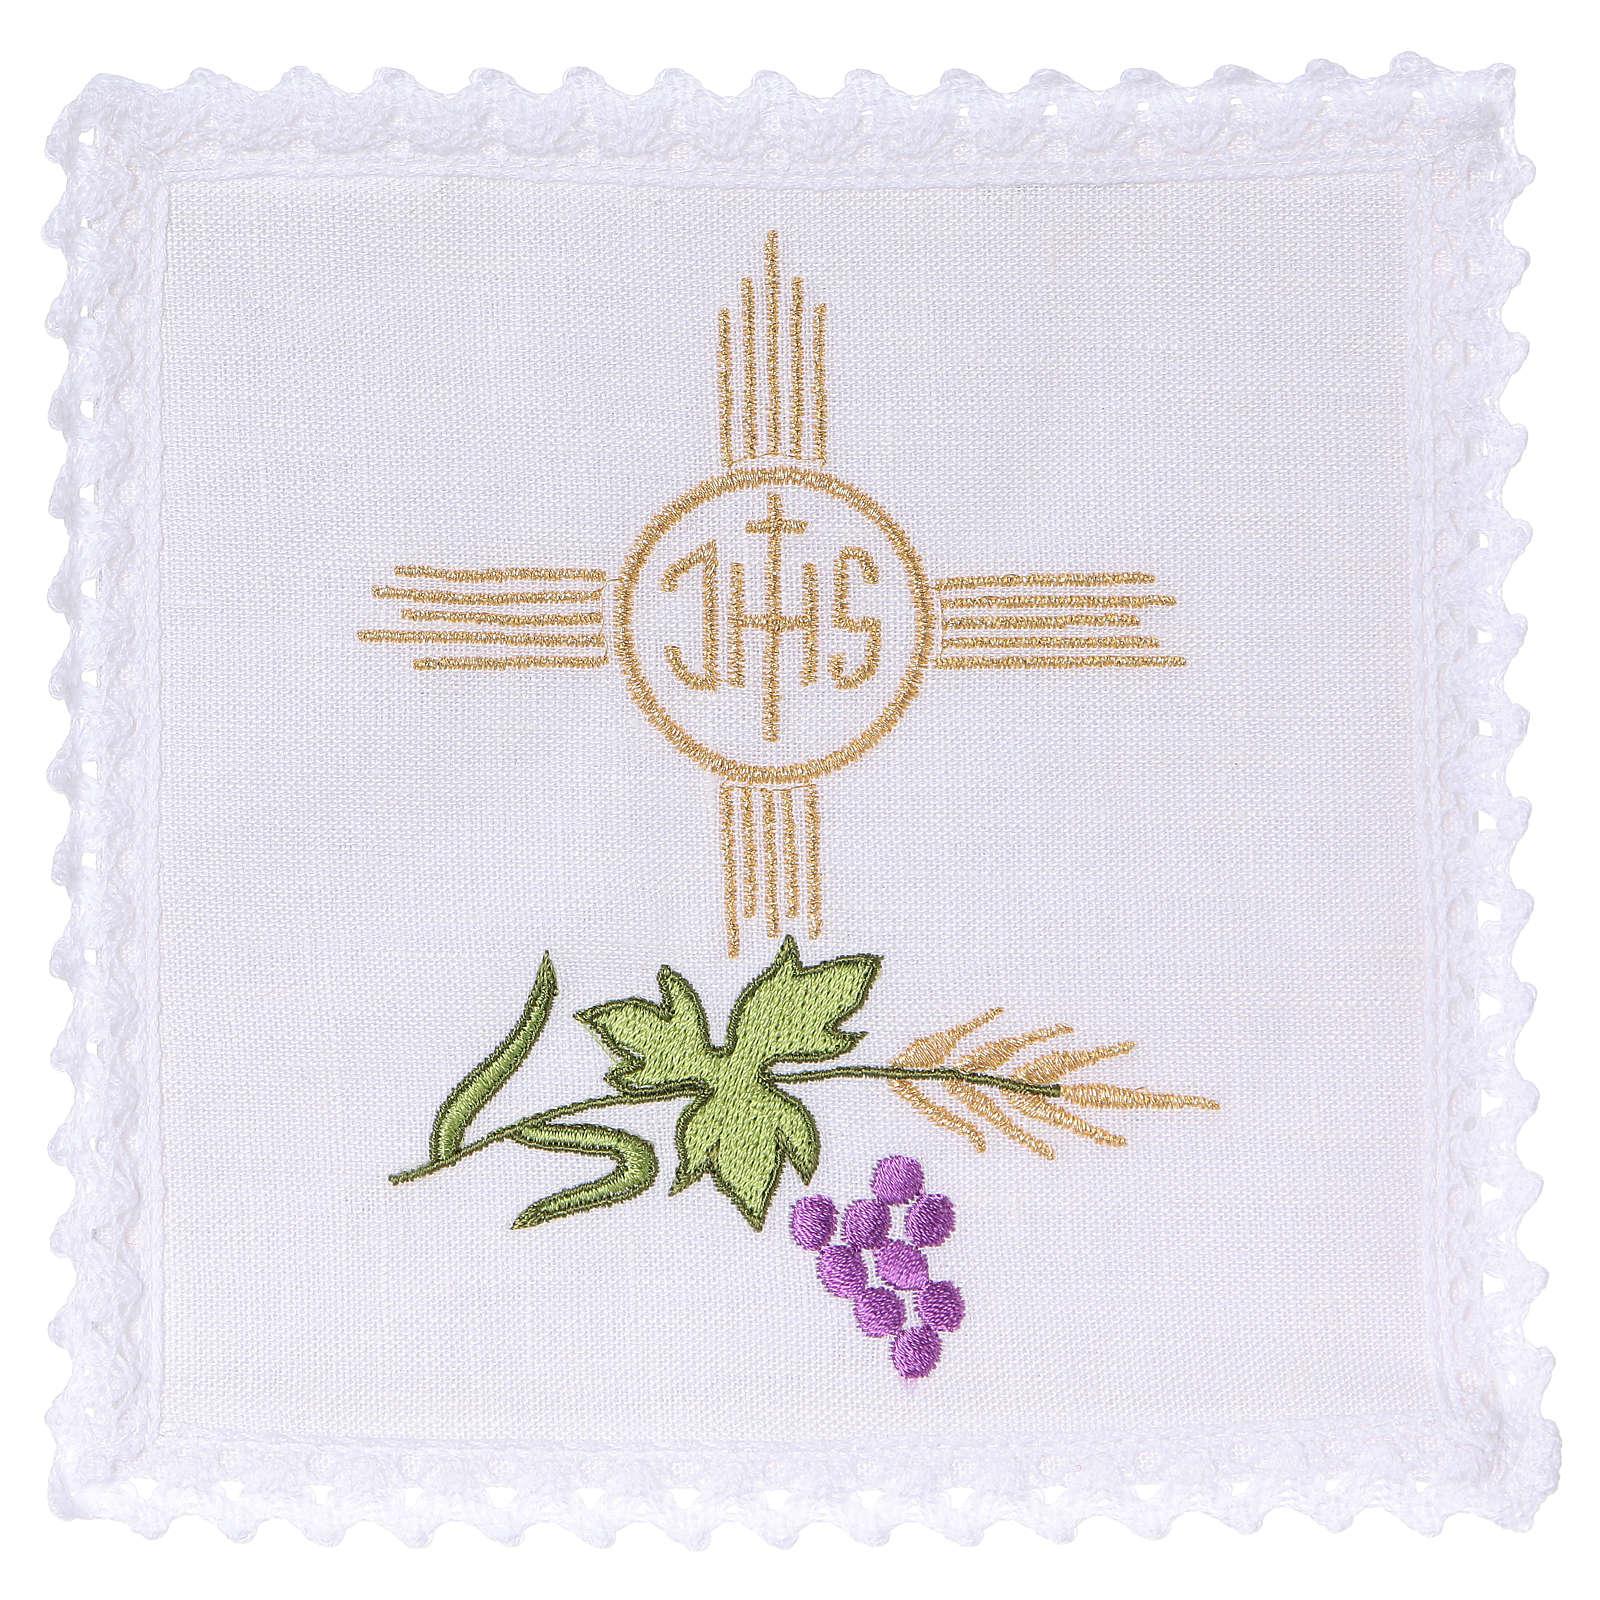 Conjunto de alfaia litúrgica linho trigo uva folha símbolo IHS 4